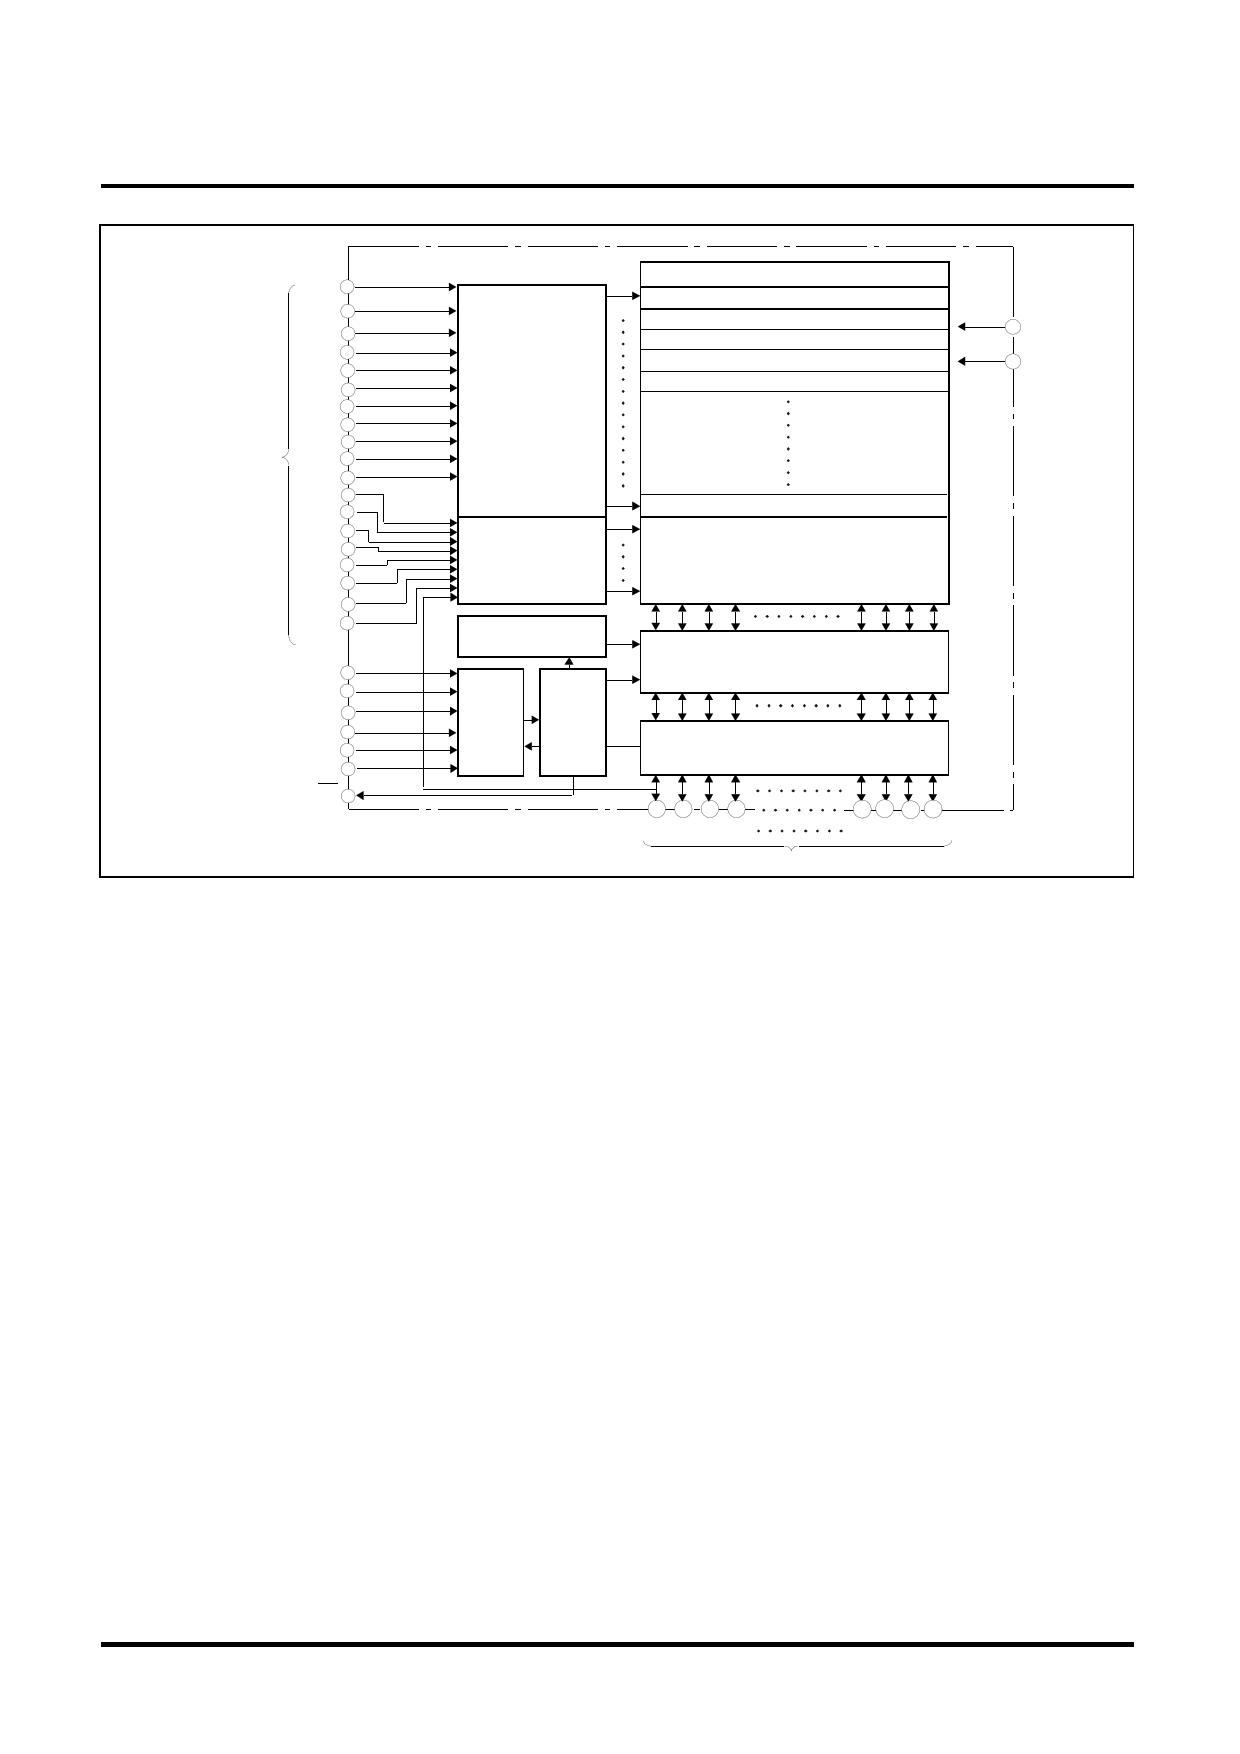 M5M29FB800VP-10 pdf, schematic